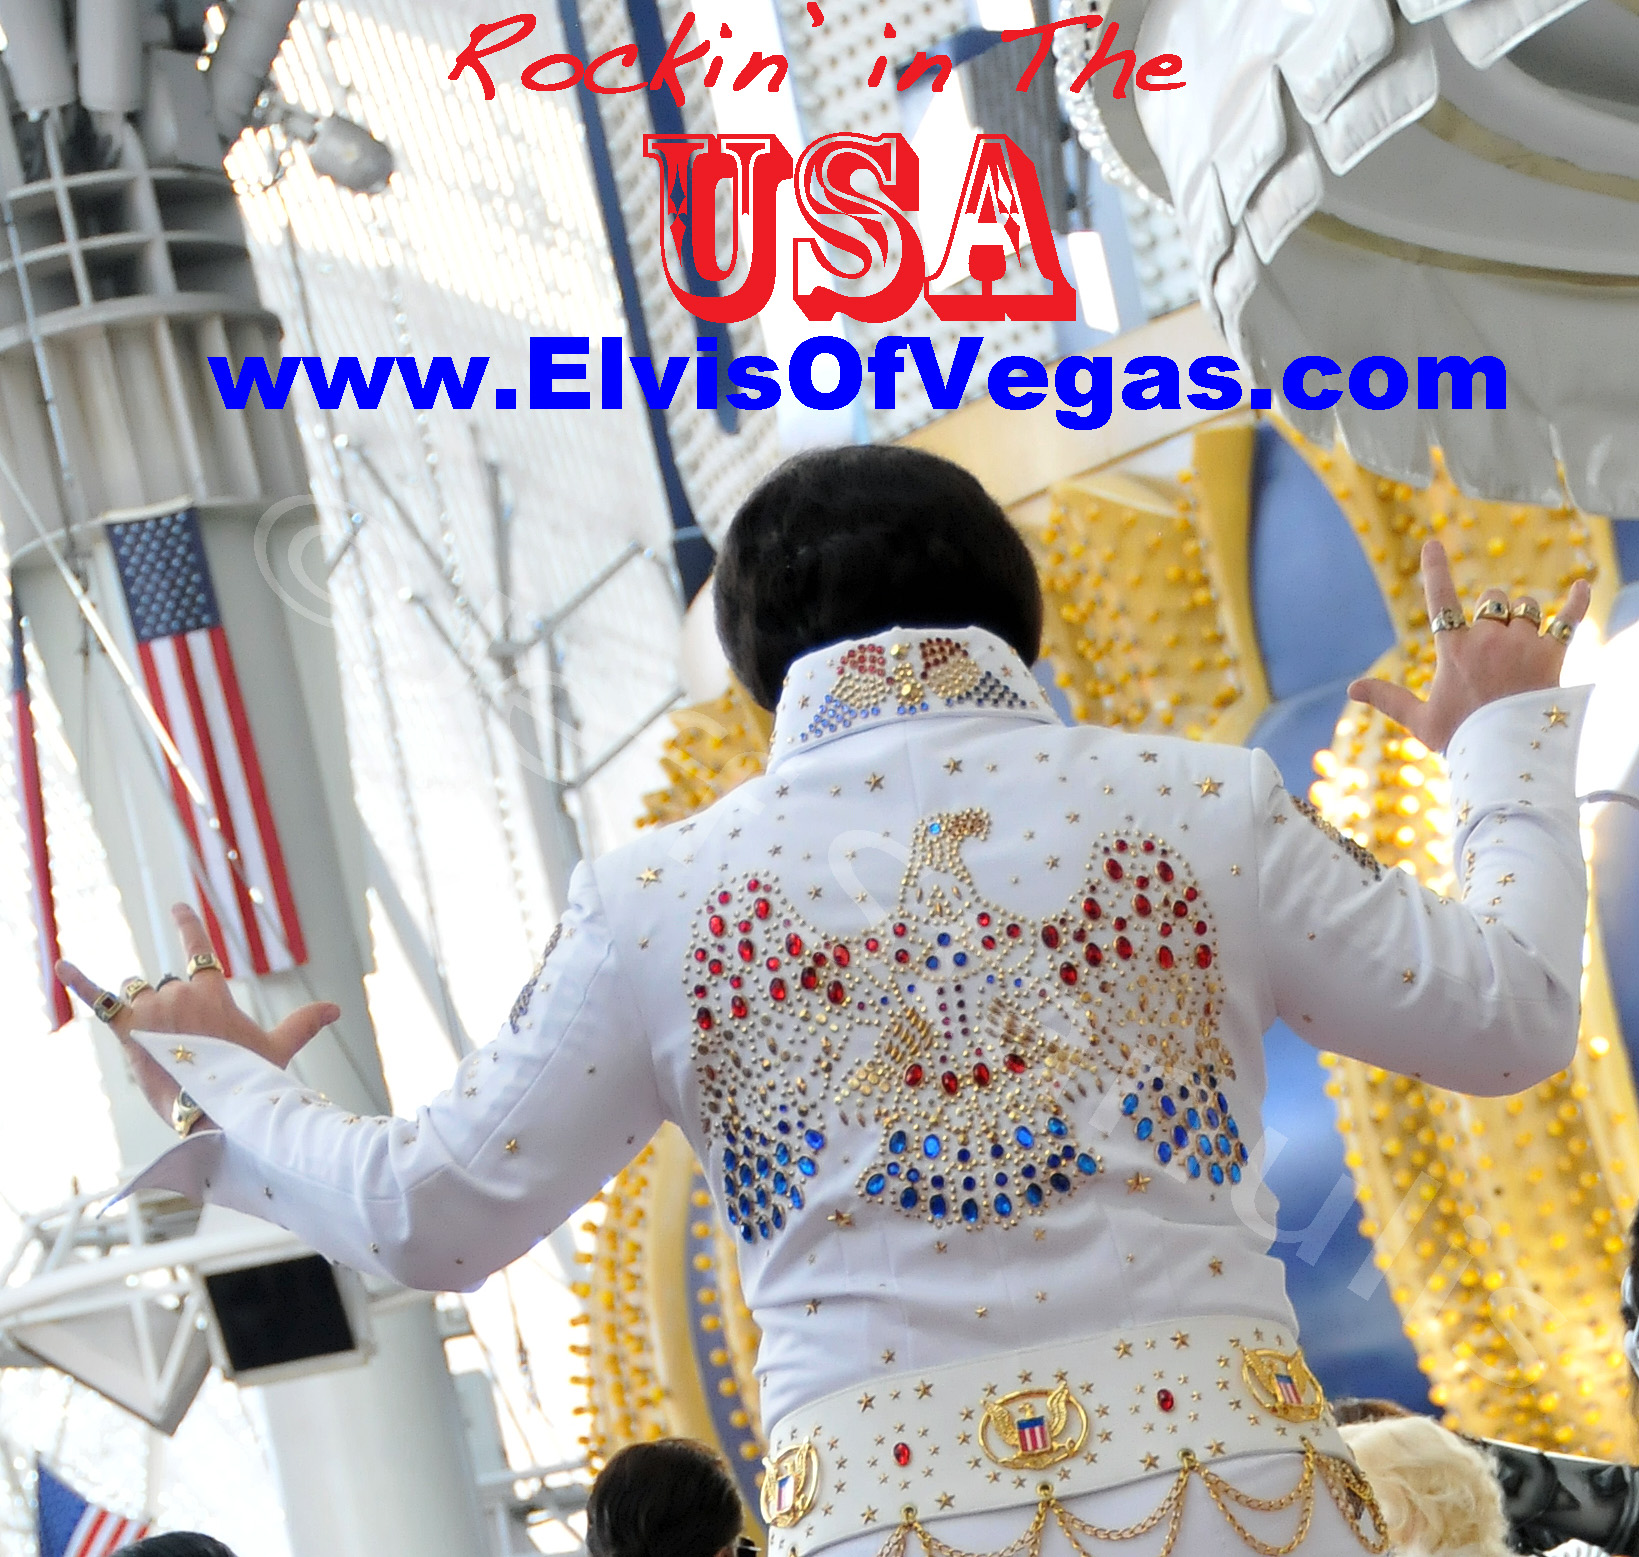 Evis Of Vegas-Jeff Stanulis